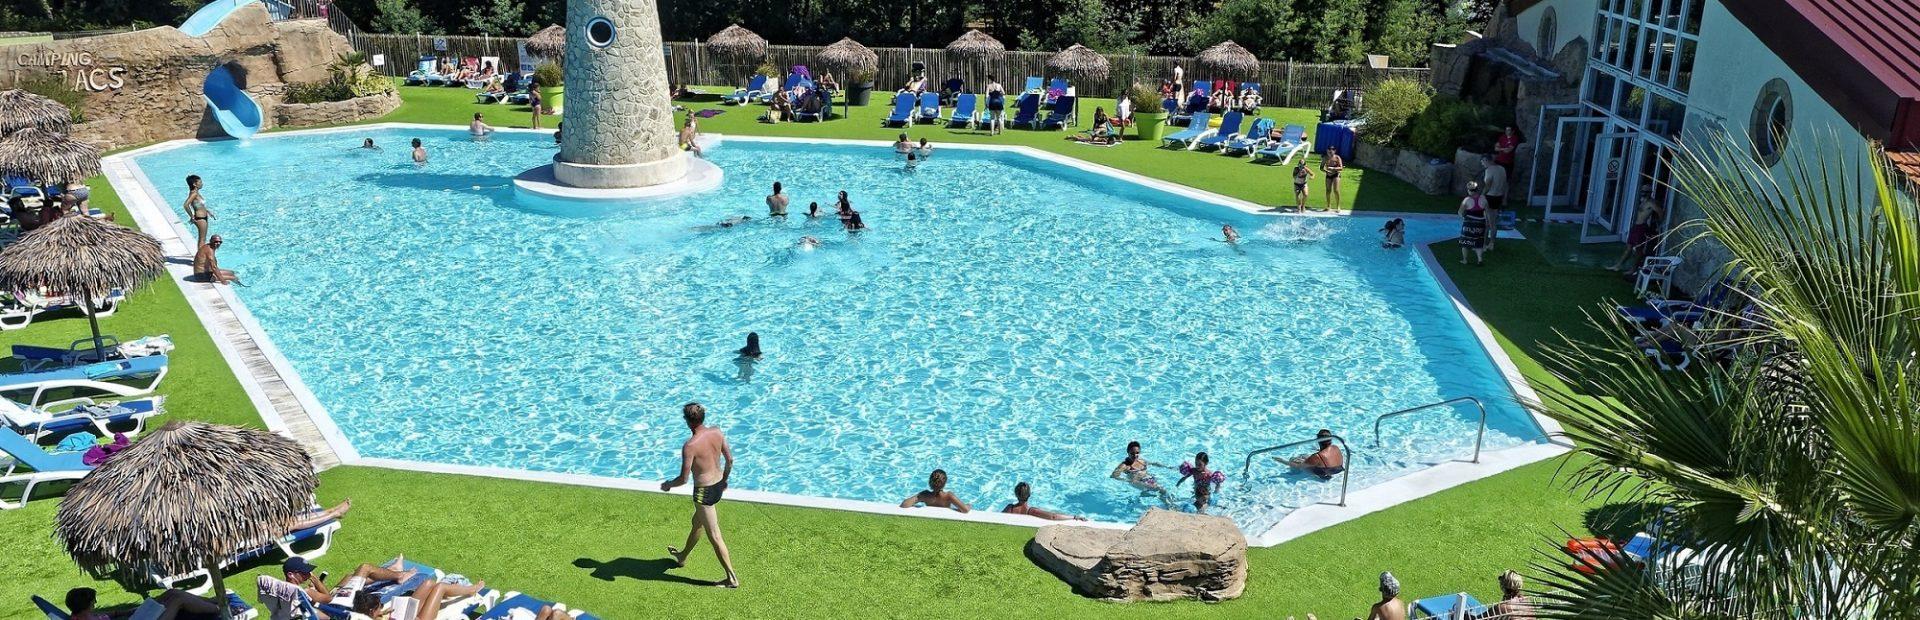 Camping 5 Étoiles En Gironde - Camping Les Lacs destiné Piscine La Cote Saint André